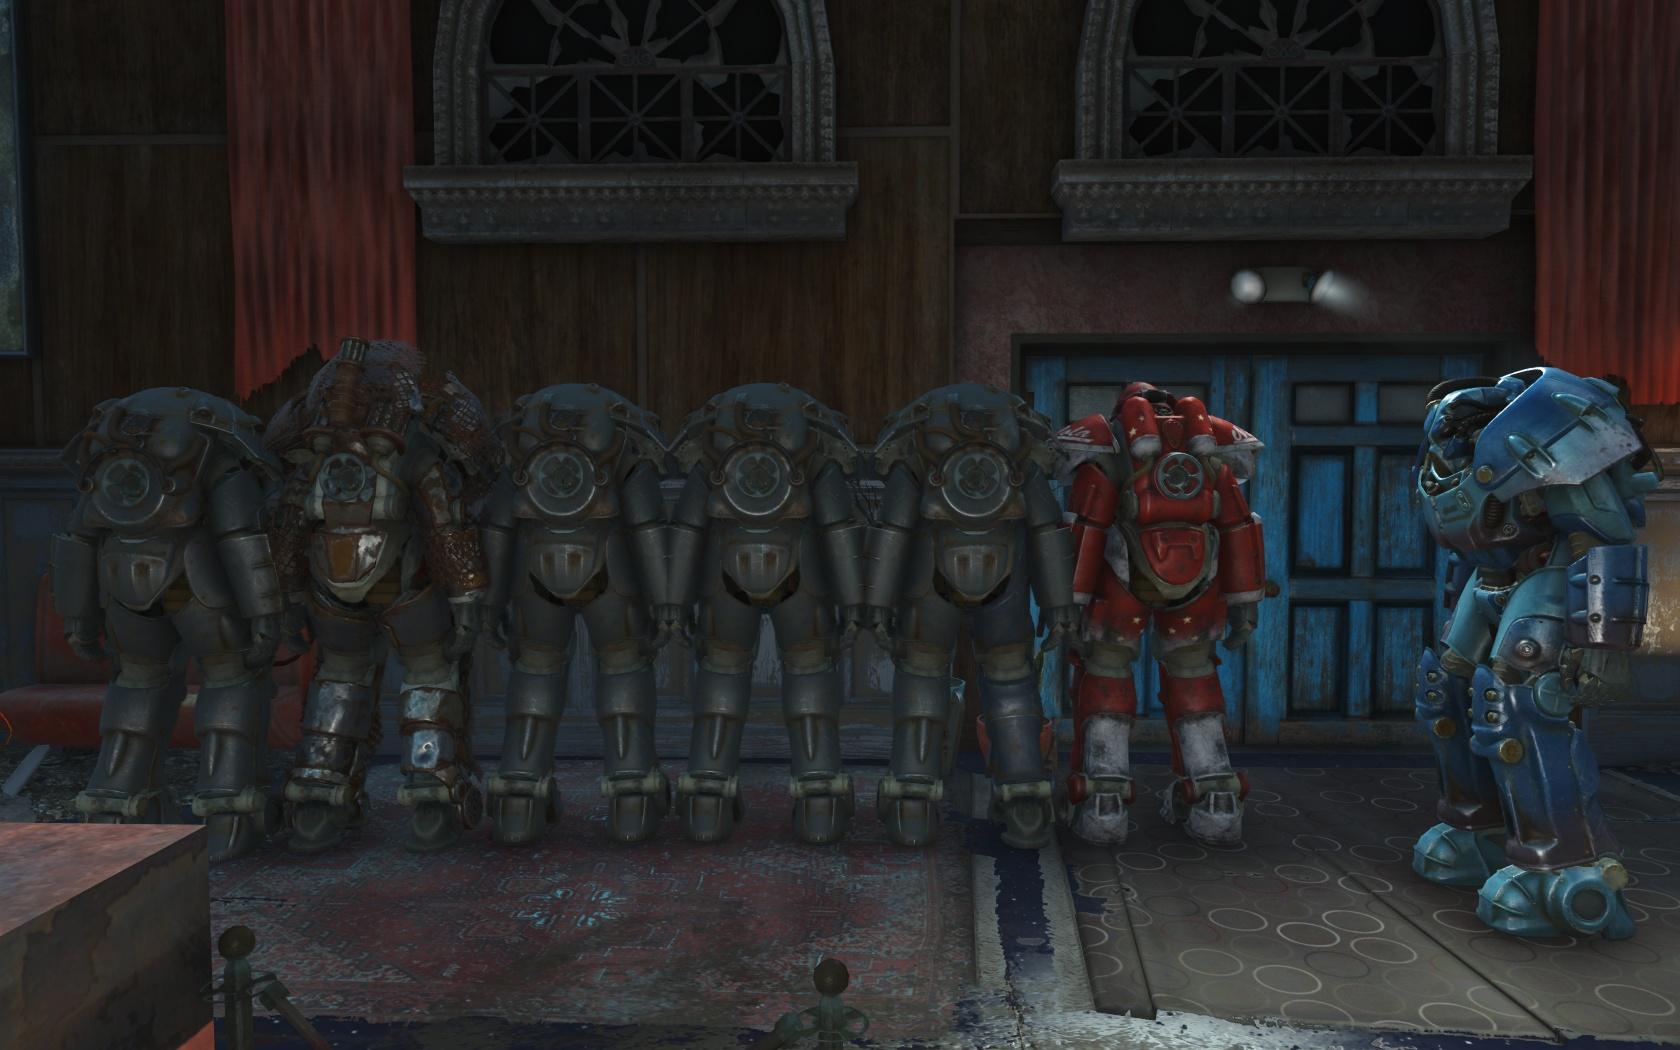 Вся силовая броня из Ядер-Мира (Ядер-Мир, Гриль-бар Физзтоп) - Fallout 4 Nuka World, броня, Гриль-бар, Гриль-бар Физзтоп, силовая, Физзтоп, Ядер-Мир